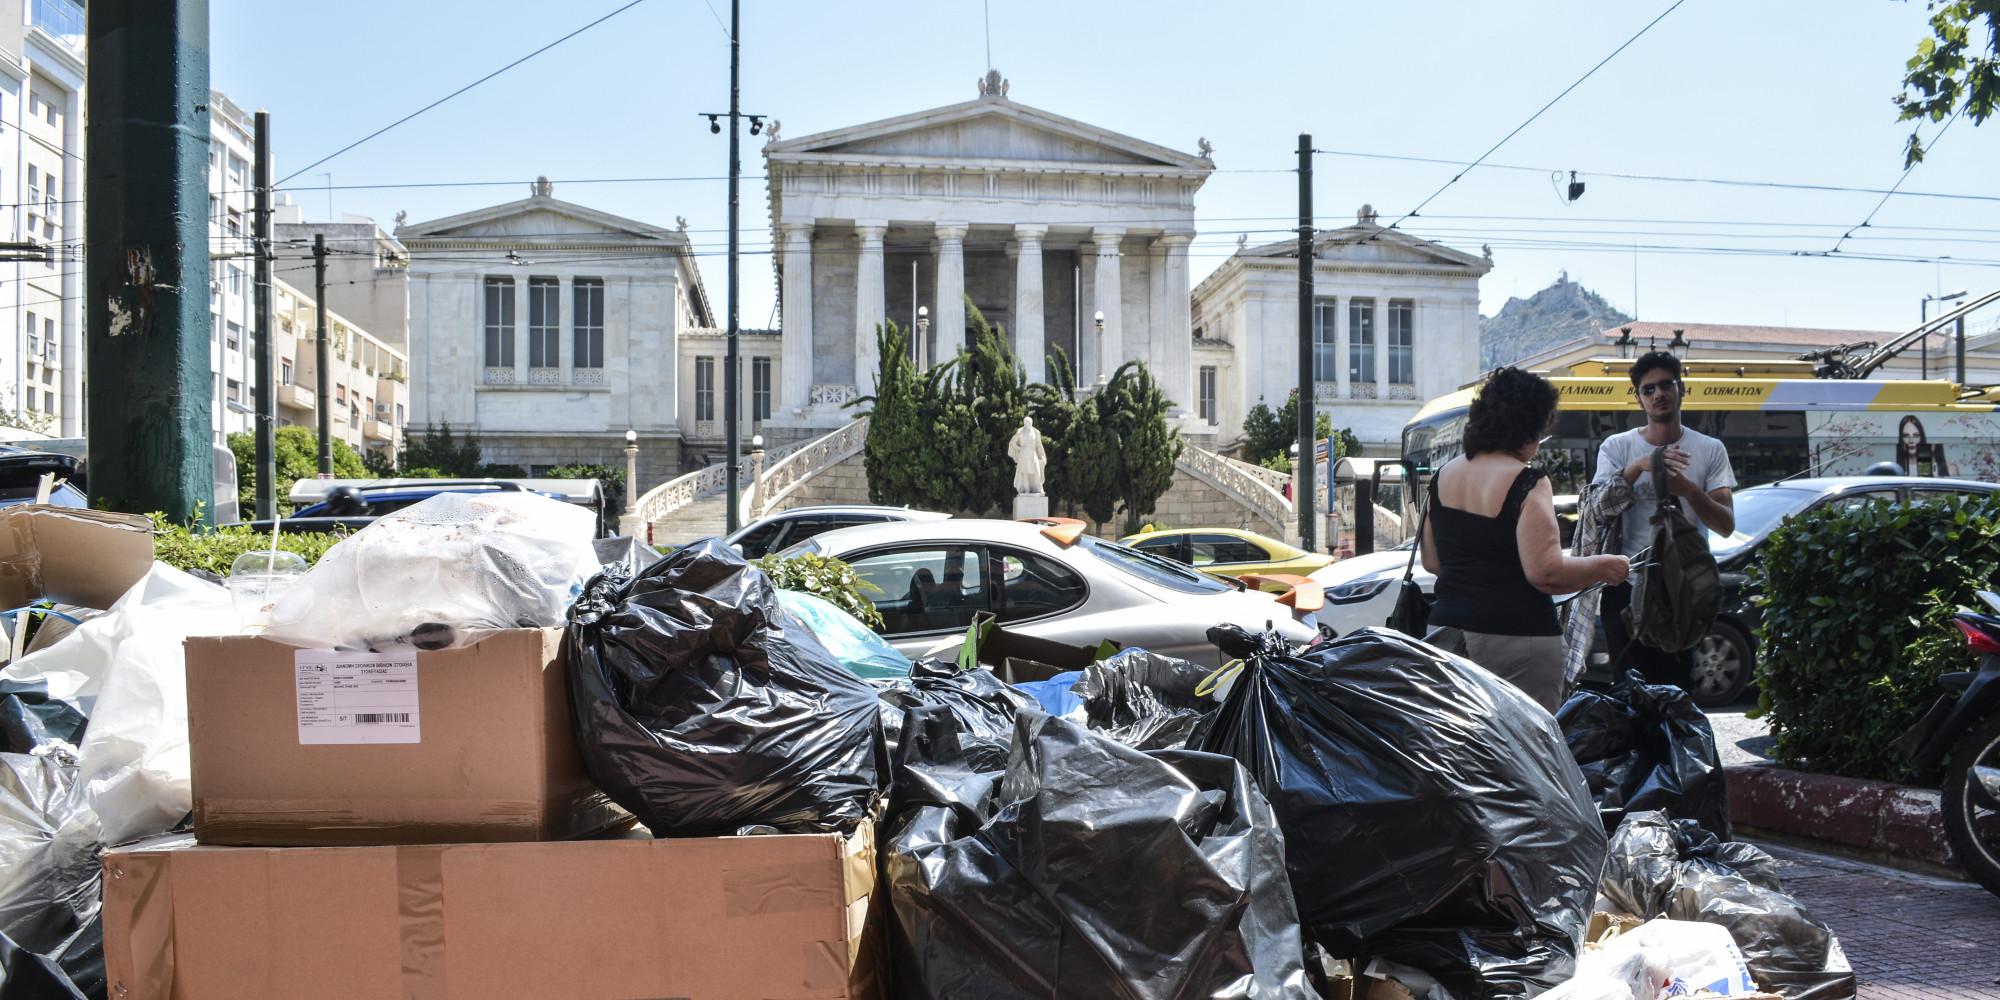 Απορρίμματα στους δρόμους – Όταν χάνονται τα αυτονόητα και επικρατεί ο κρατισμός…